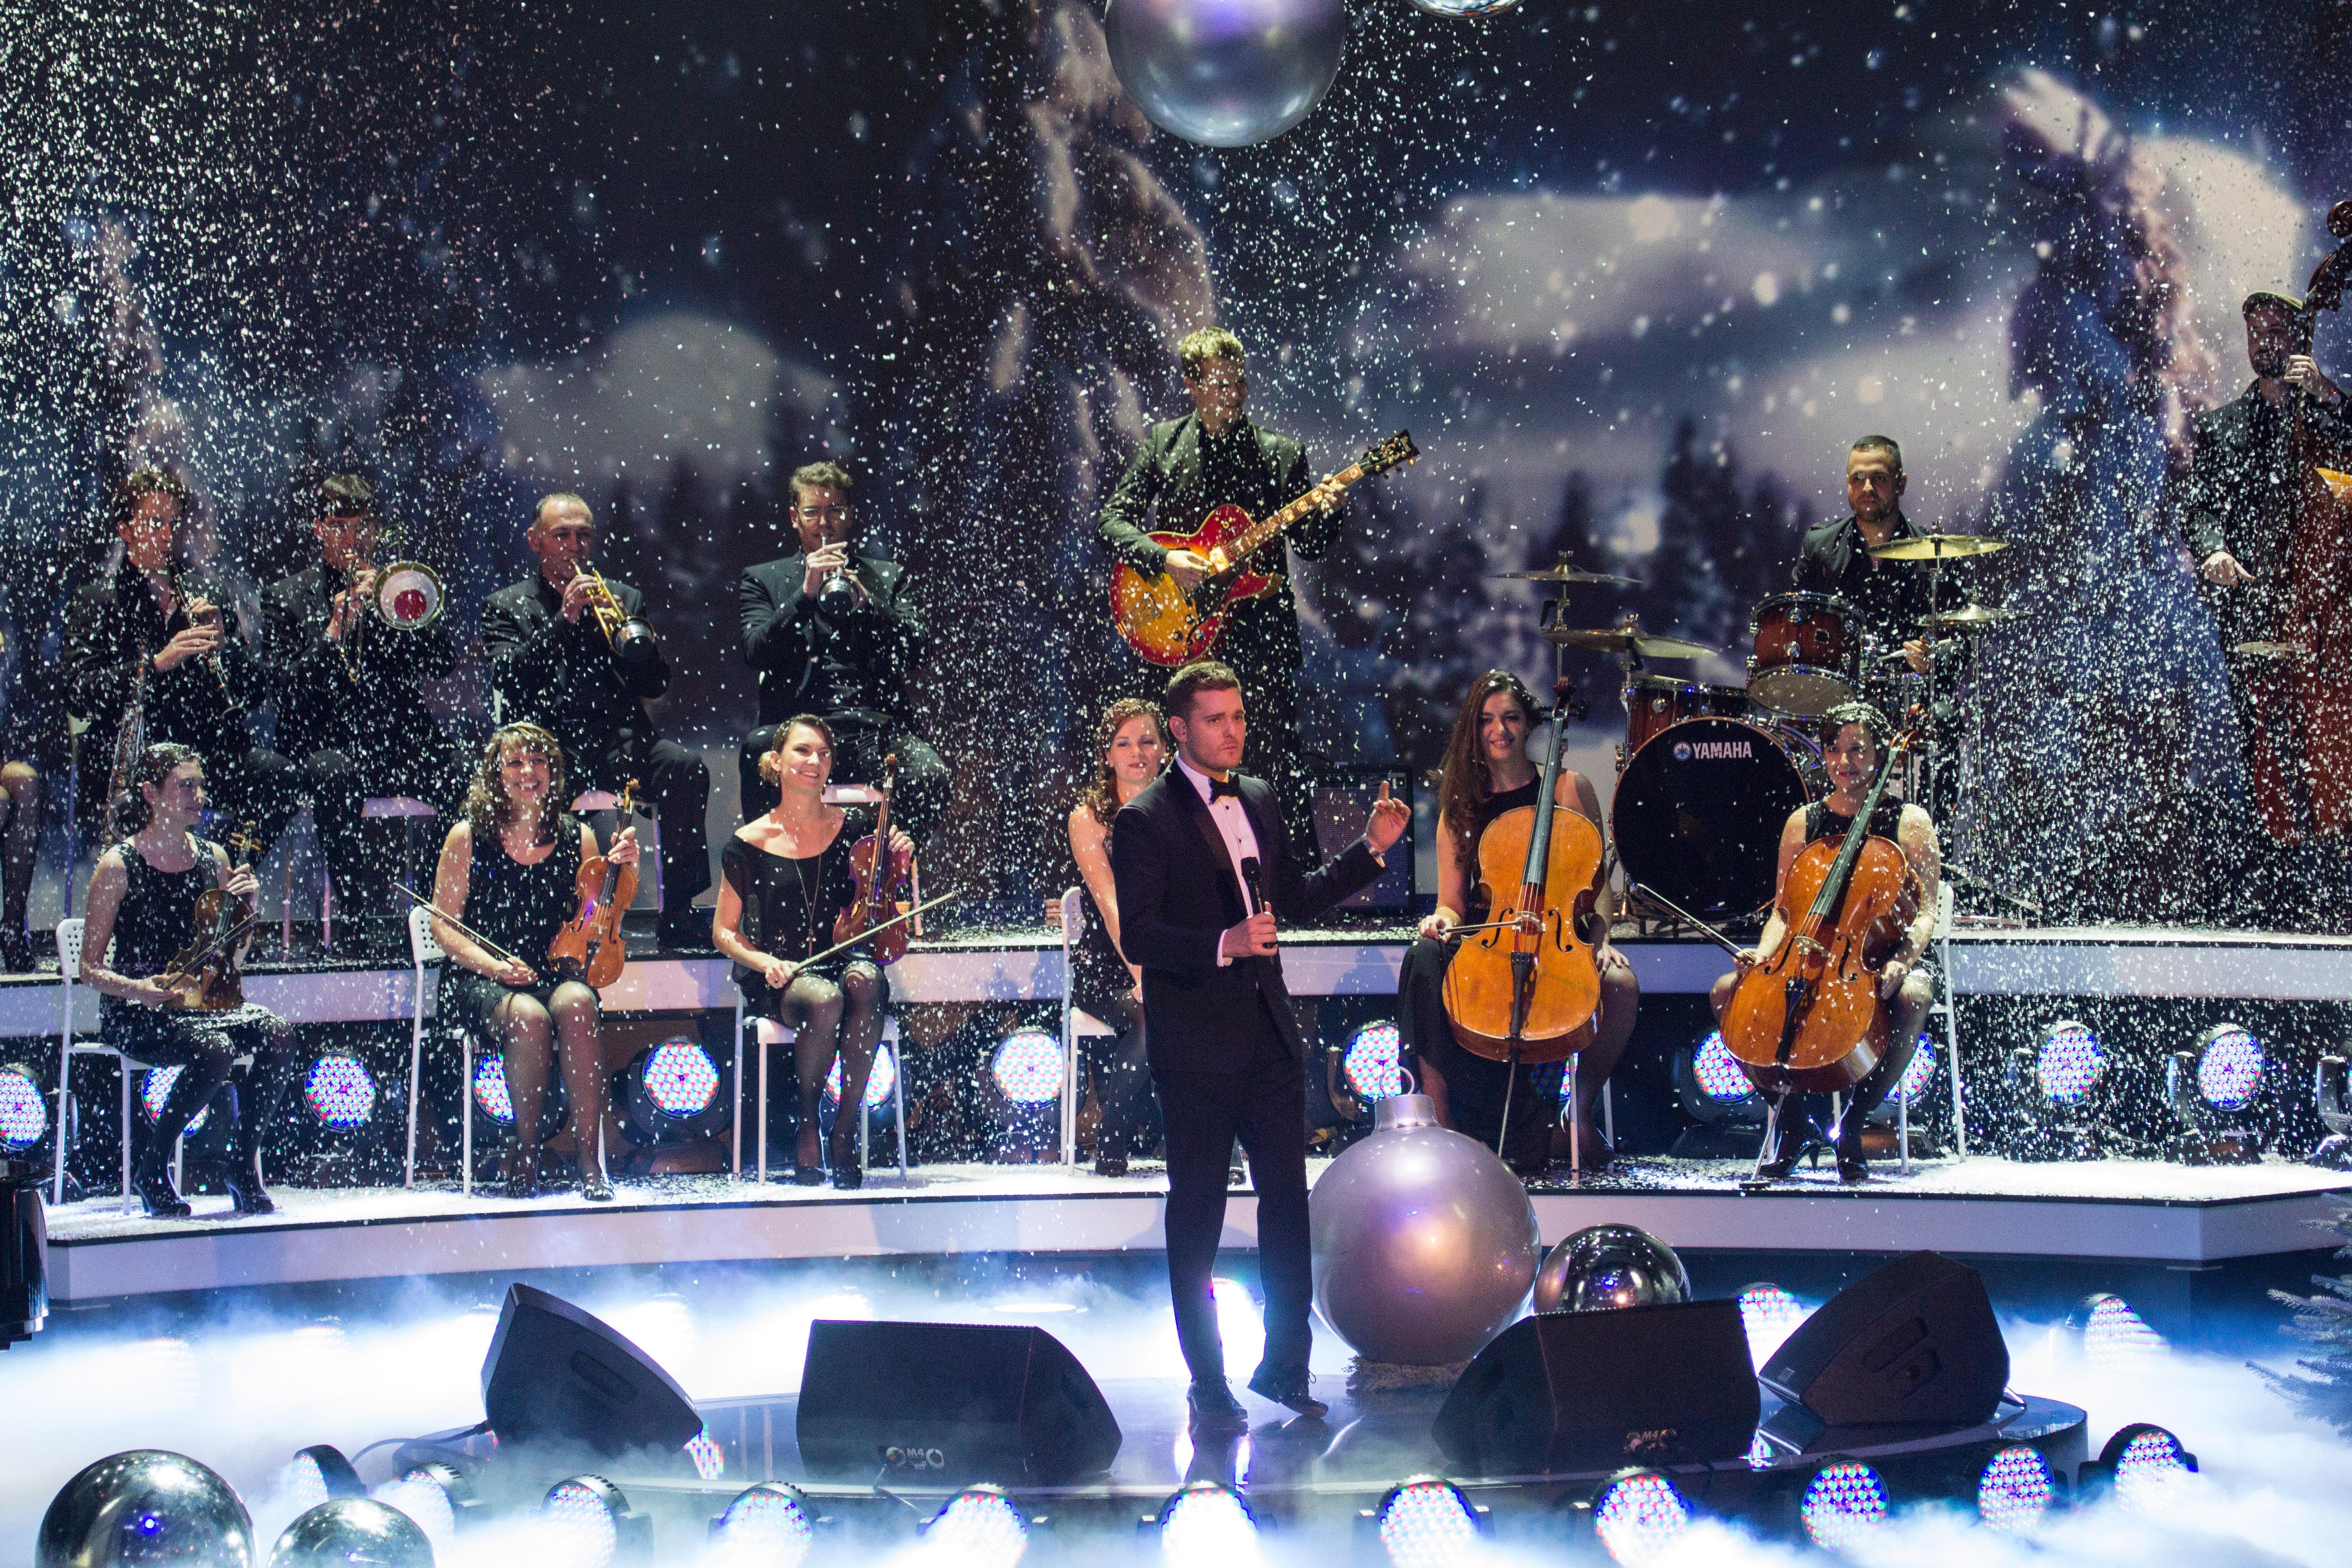 Wetten dass..? live aus Augsburg (14.12.2013) 3